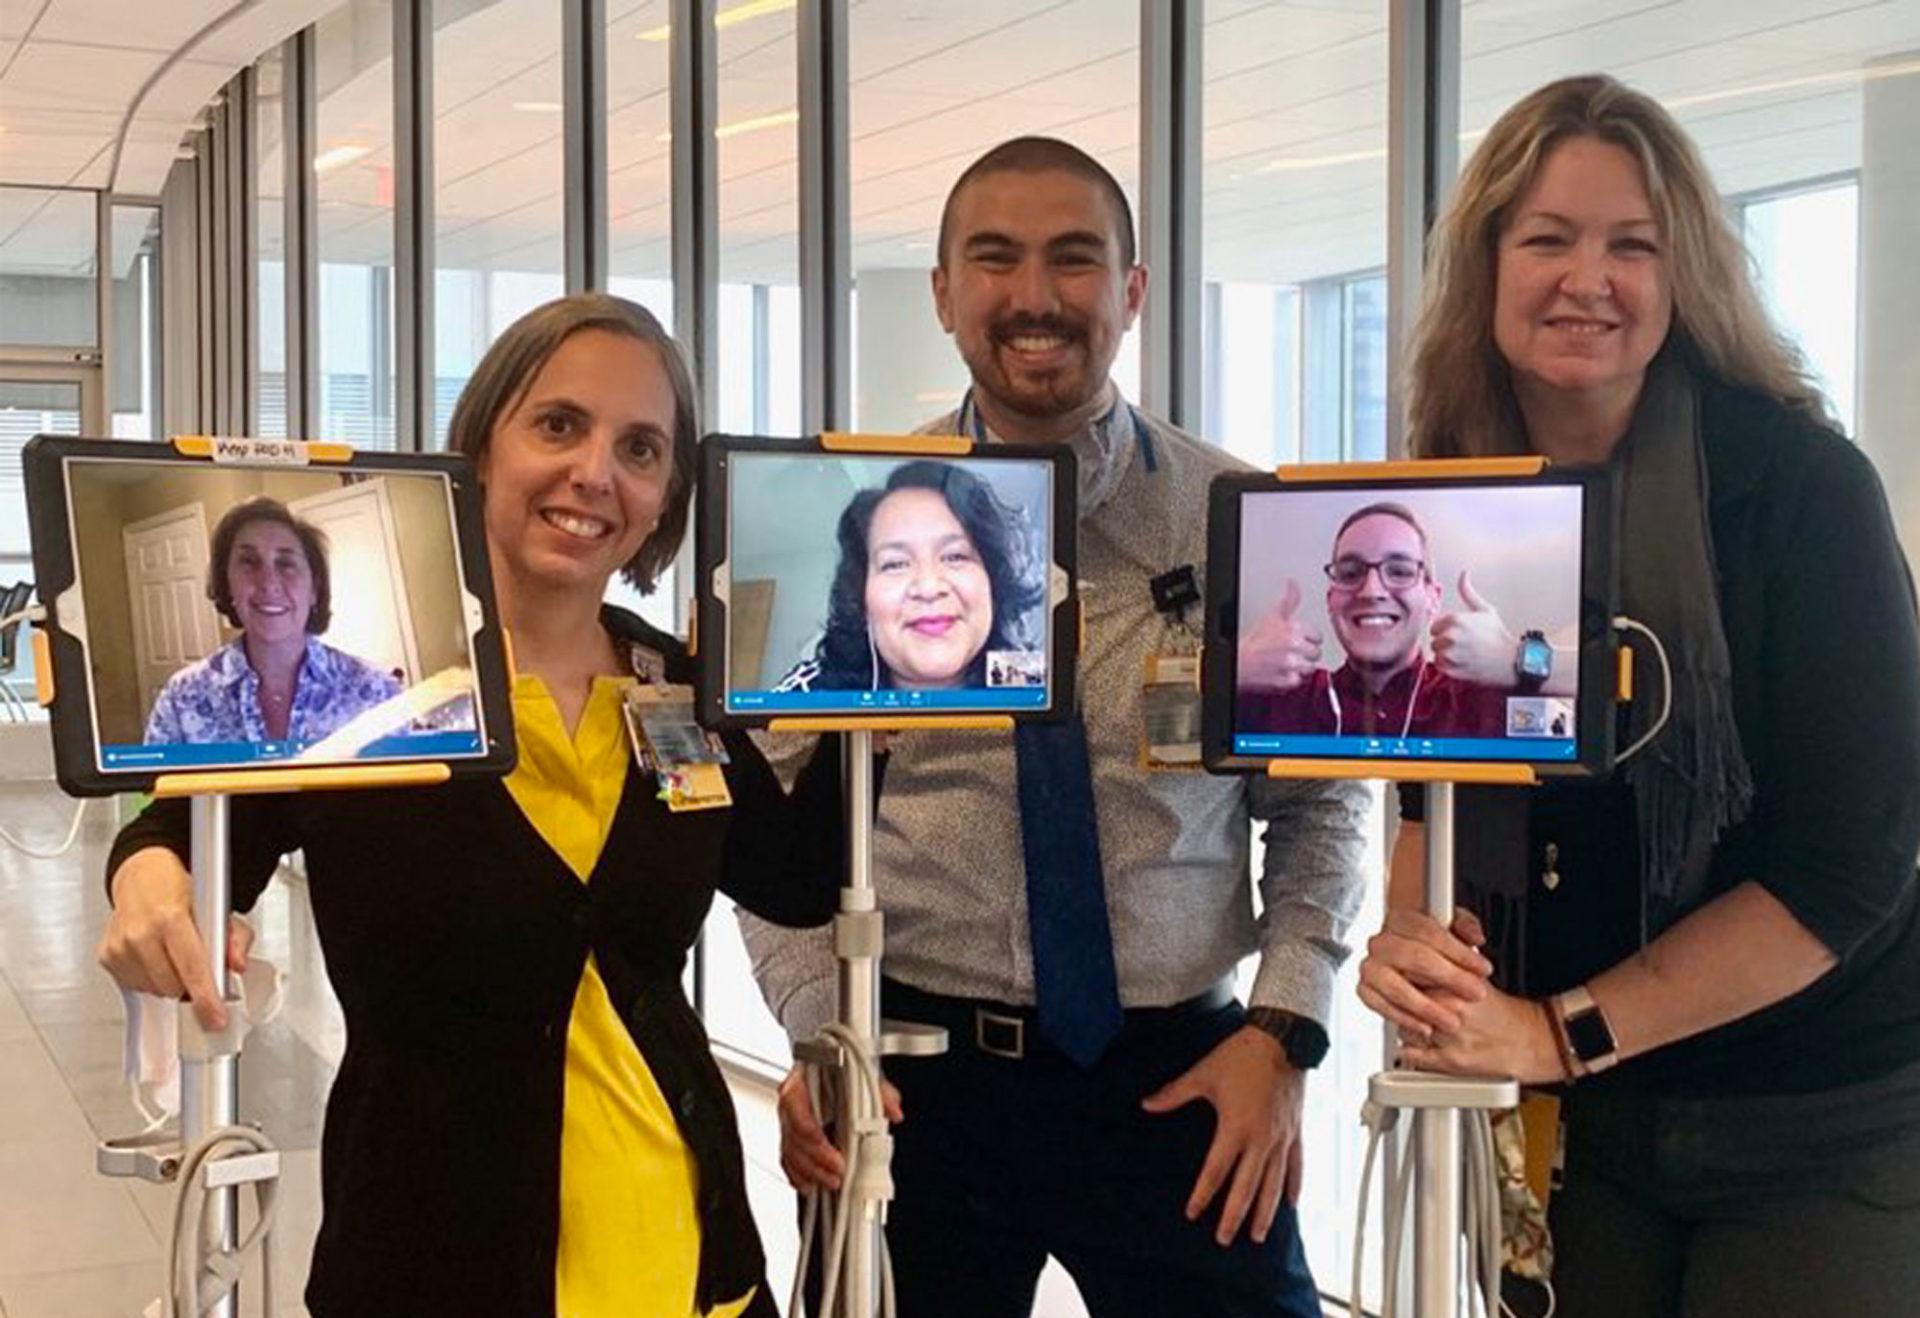 vcu staff with staff members using Martti to communicate